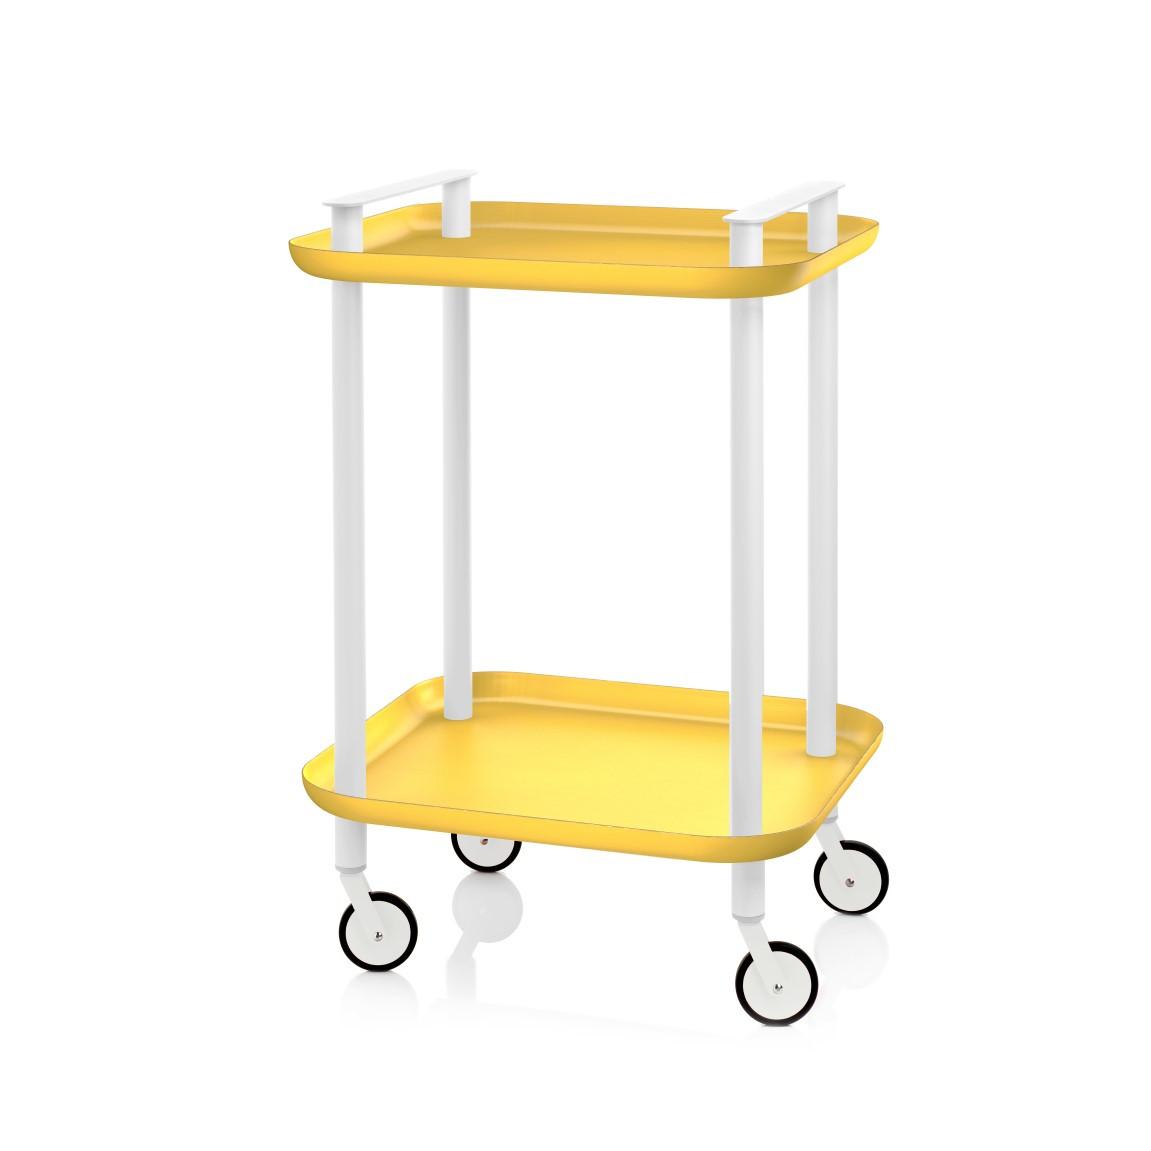 Trolley Delica H 73 cm | Weiß & Gelb